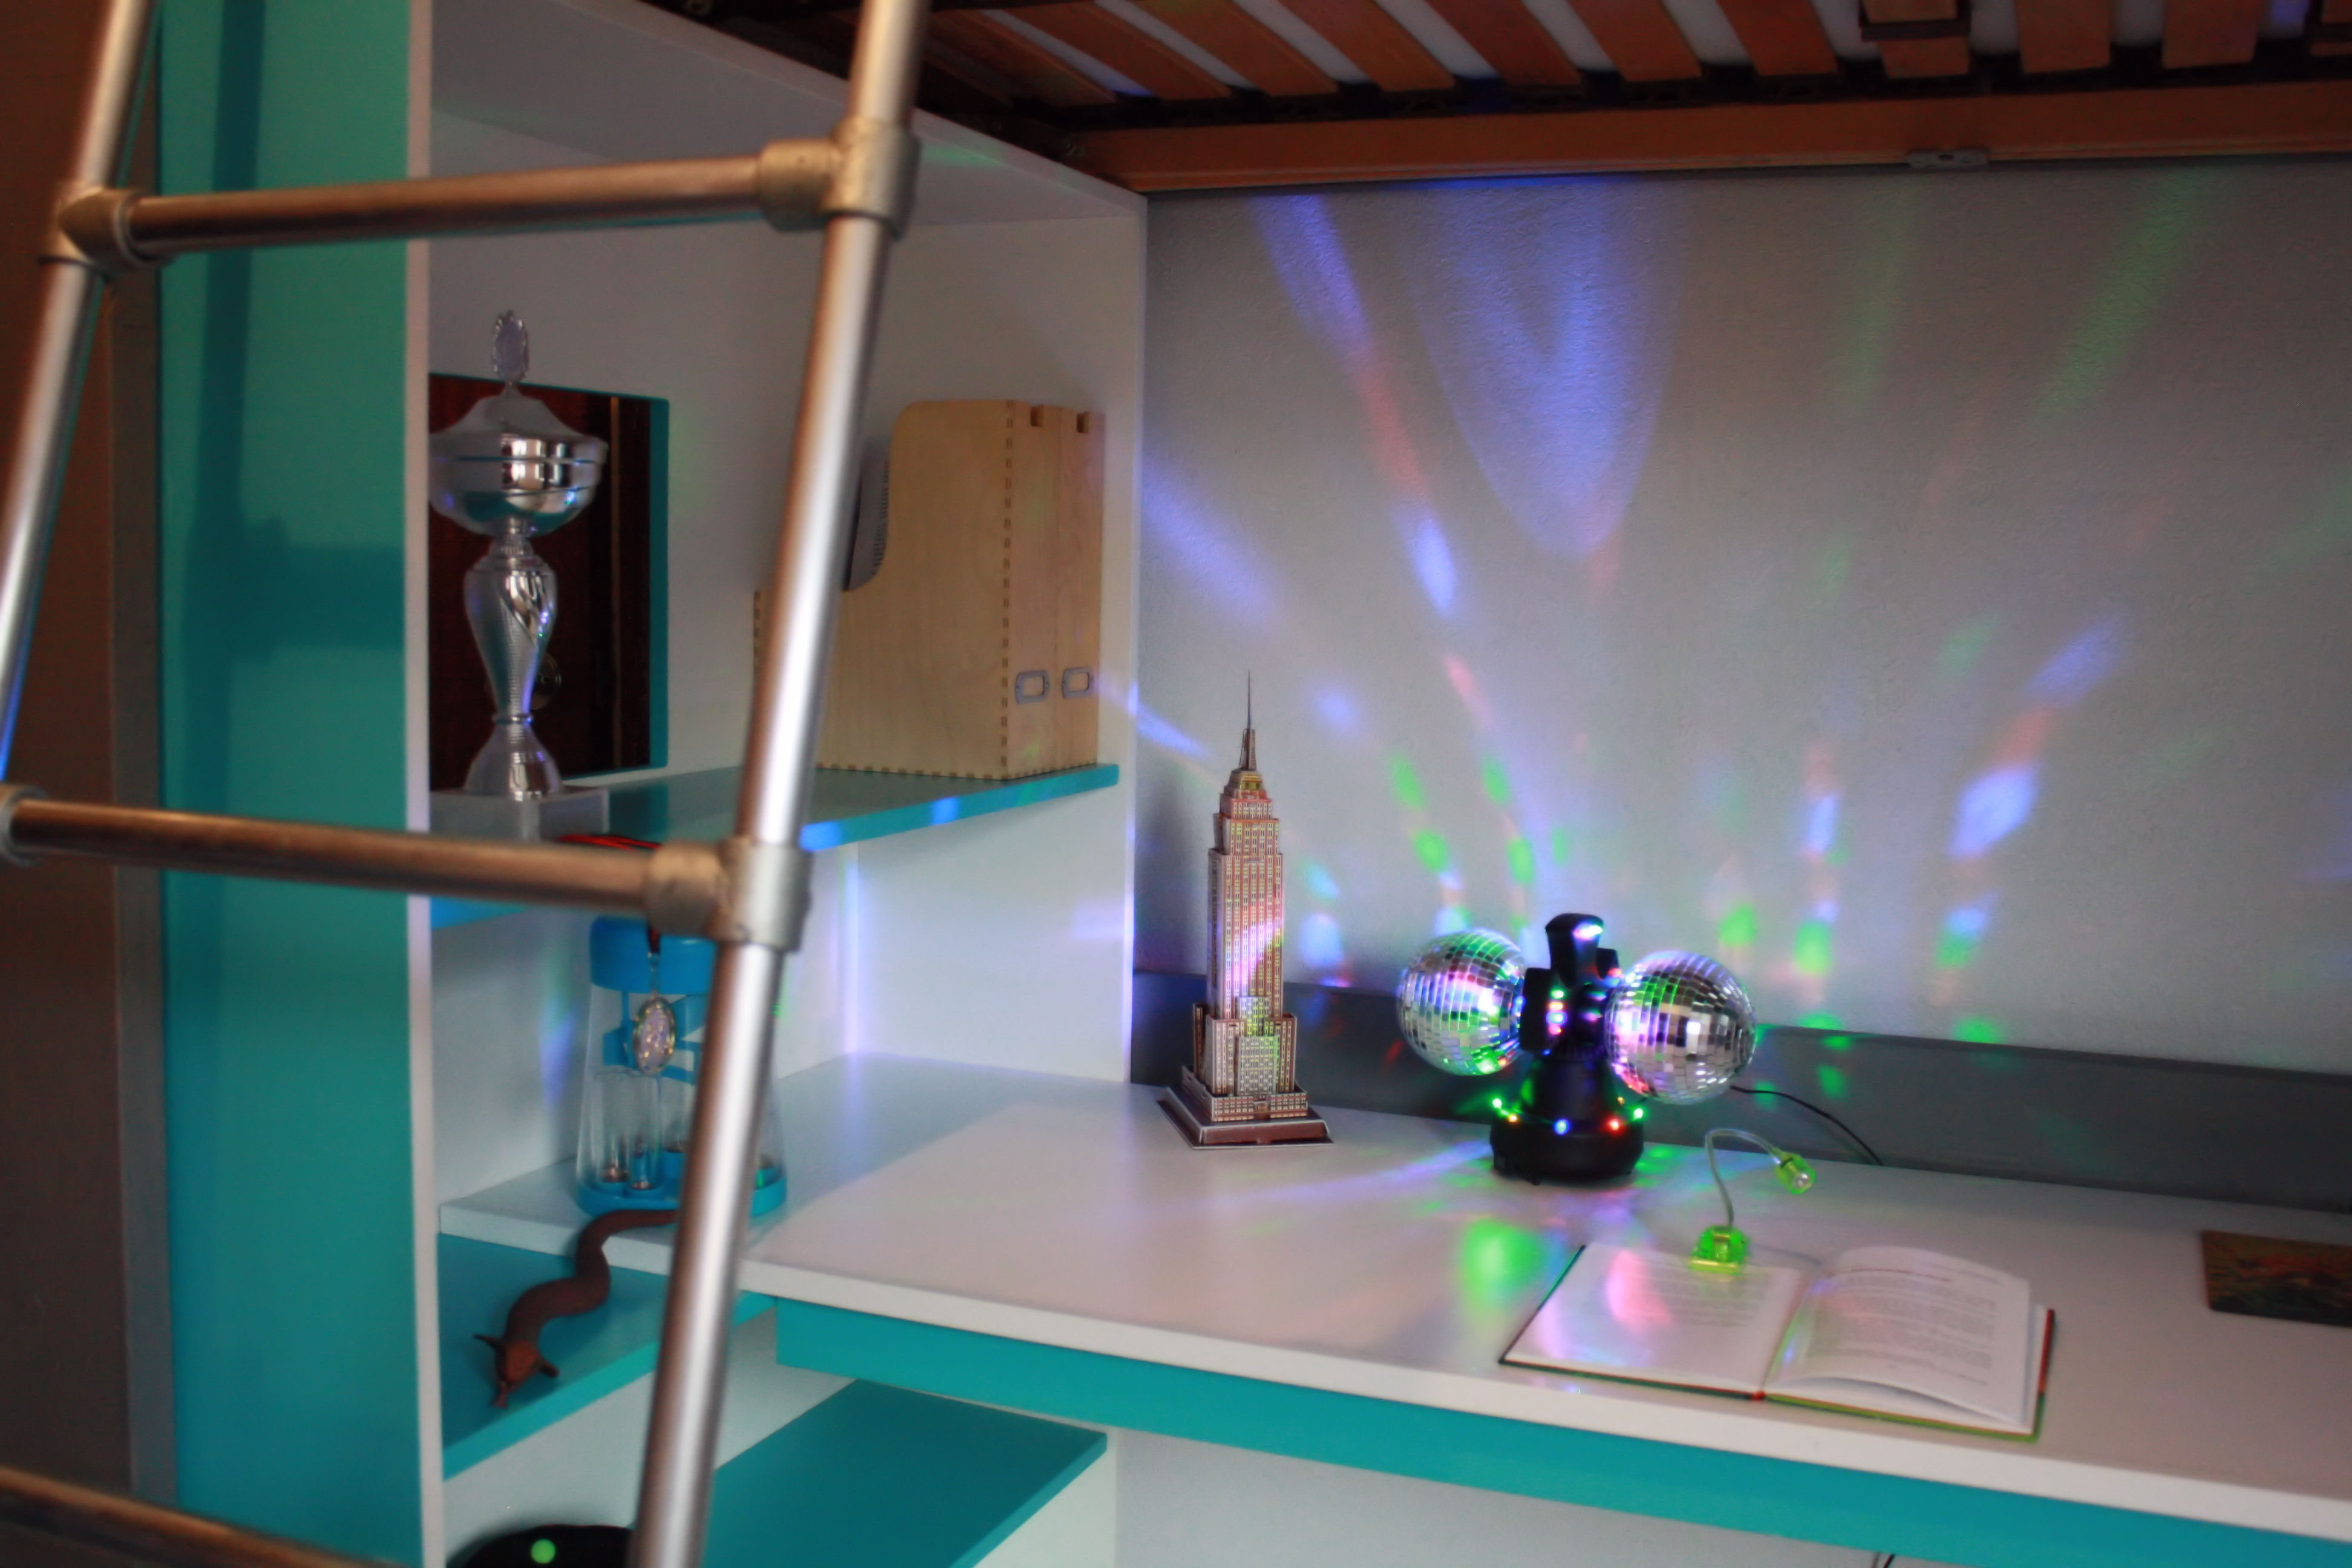 Slaapkamer op maat rene tillmans interieurbouw heerlen for Interieur ontwerpen app